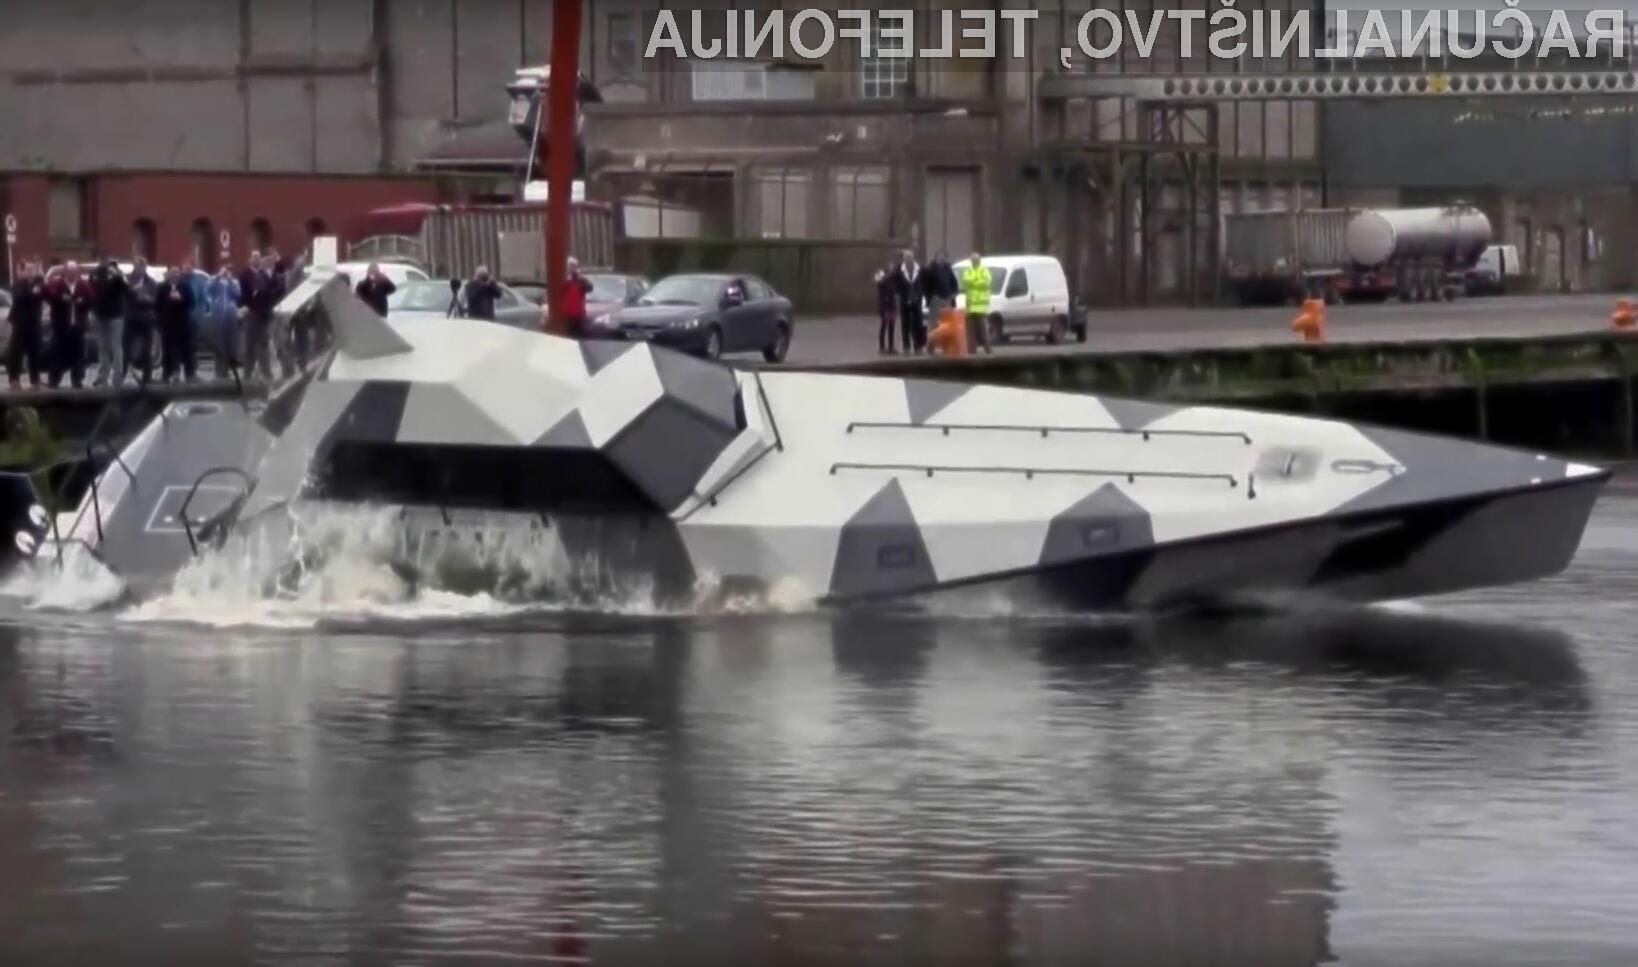 Tu je prva ladja, ki je ni mogoče potopiti!